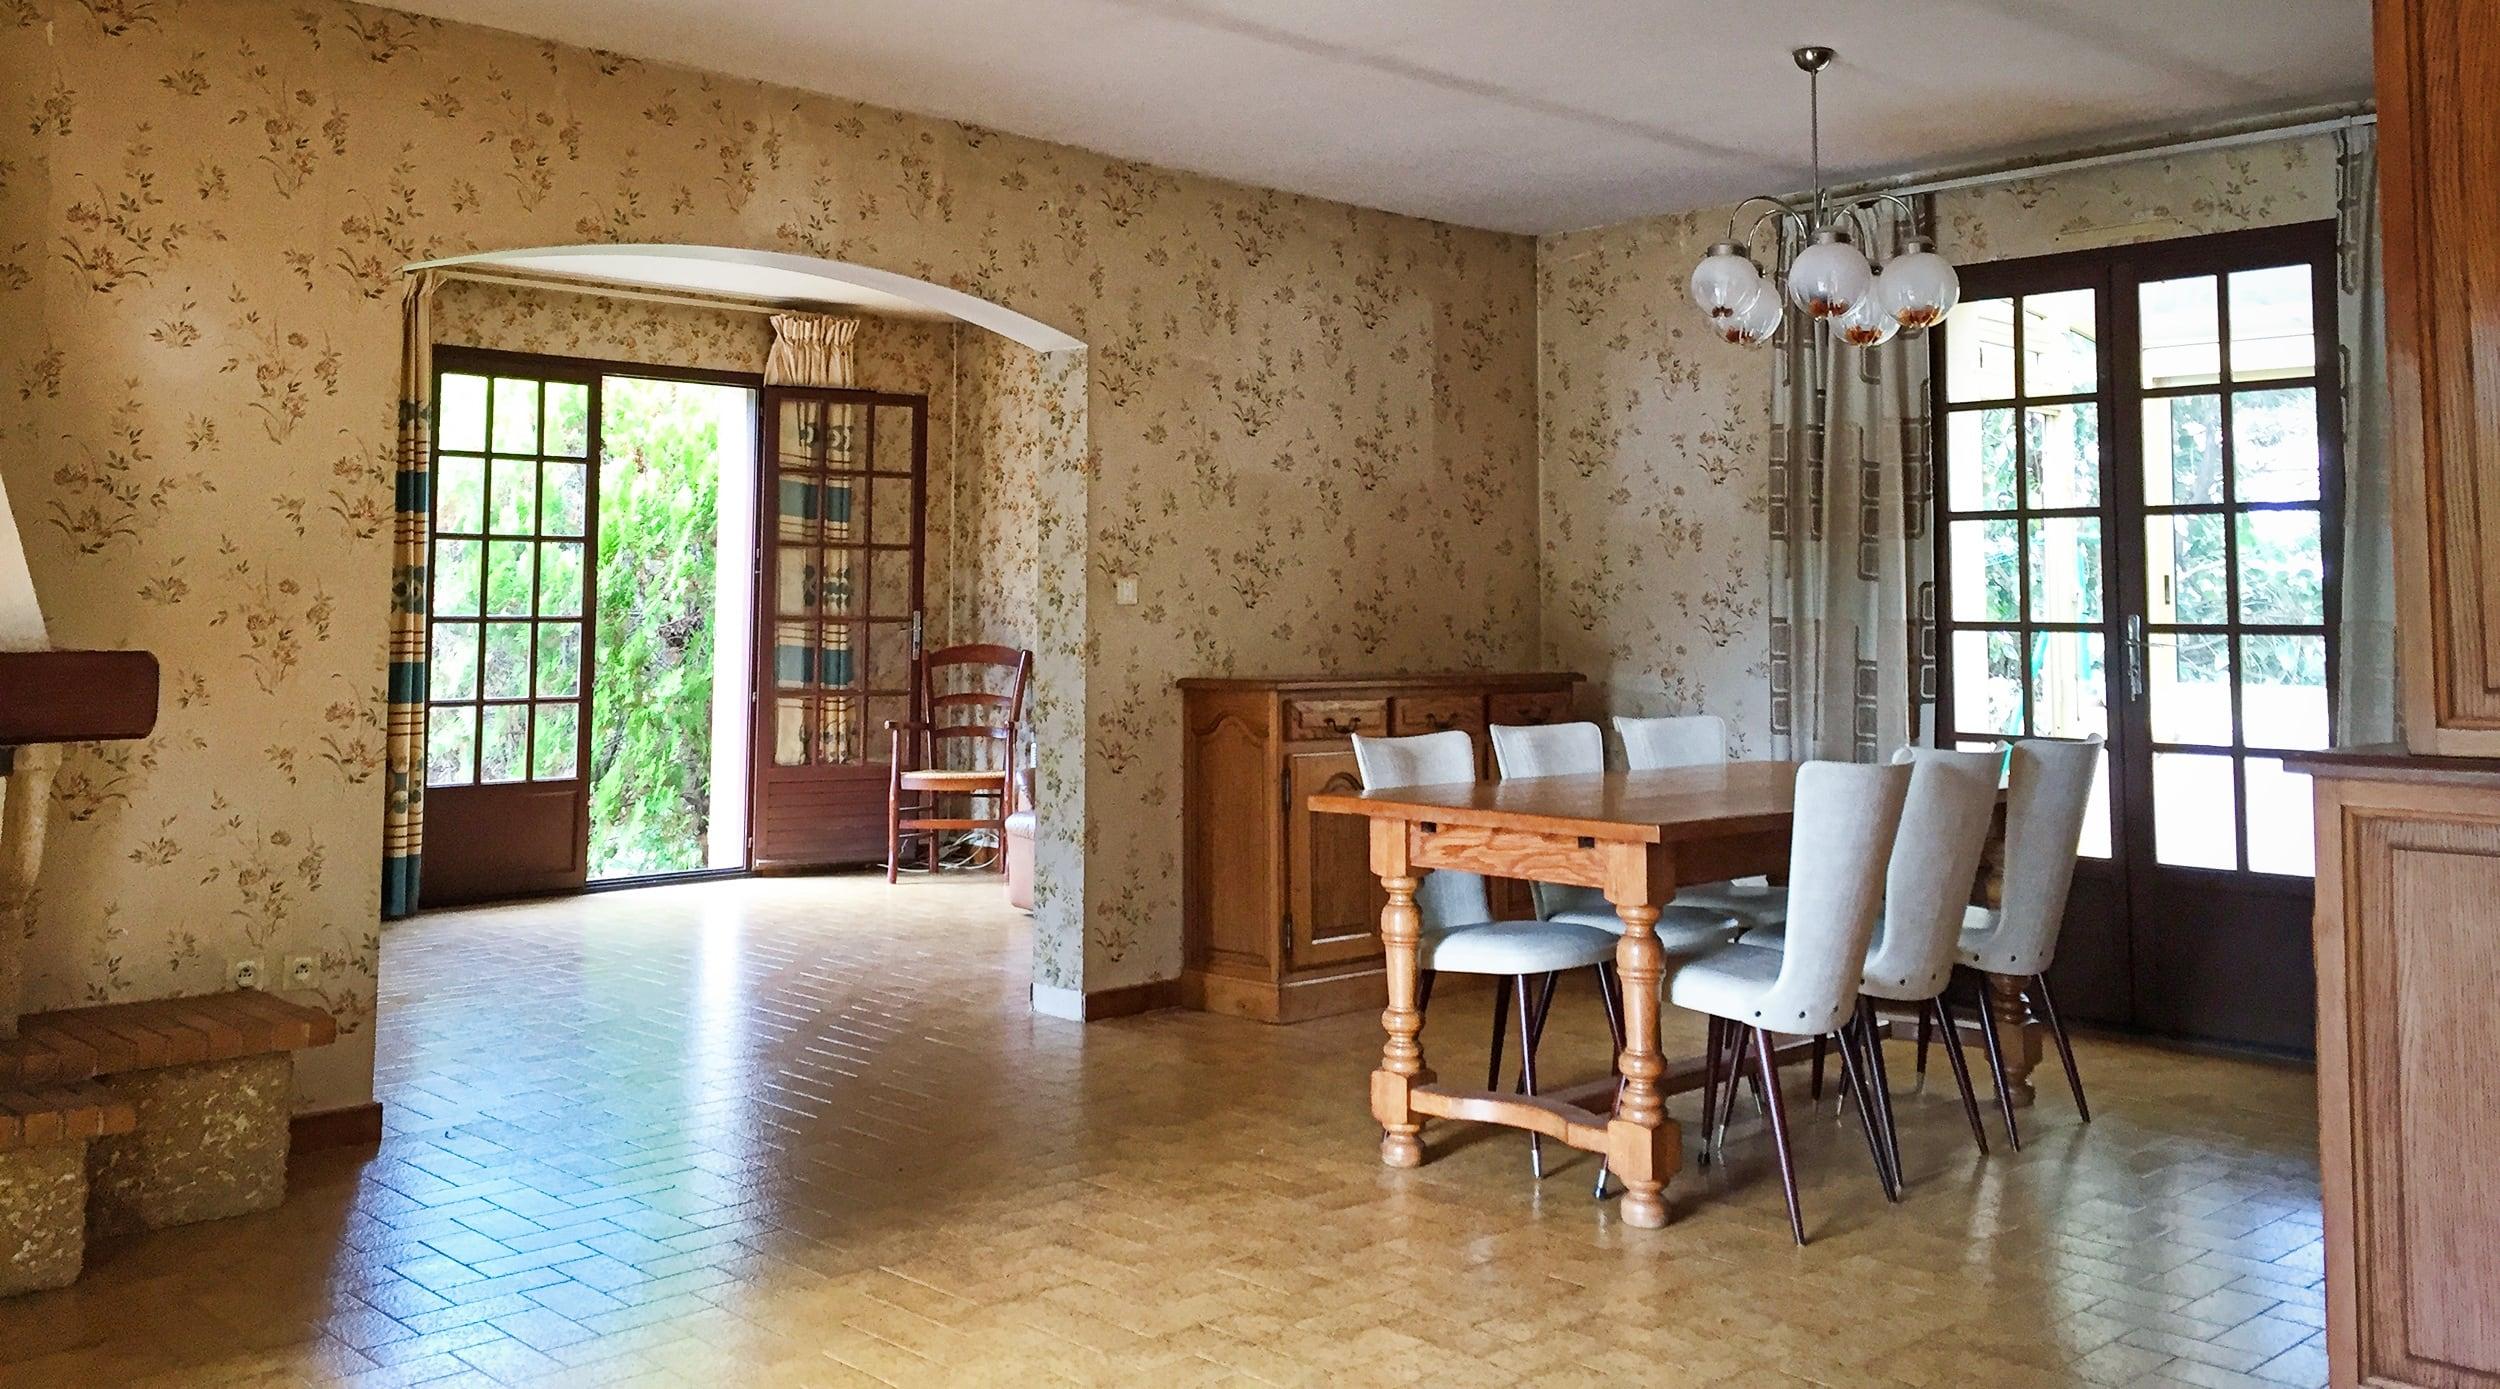 Maison-a-vendre-cevennes-interieur-05 modif.jpeg